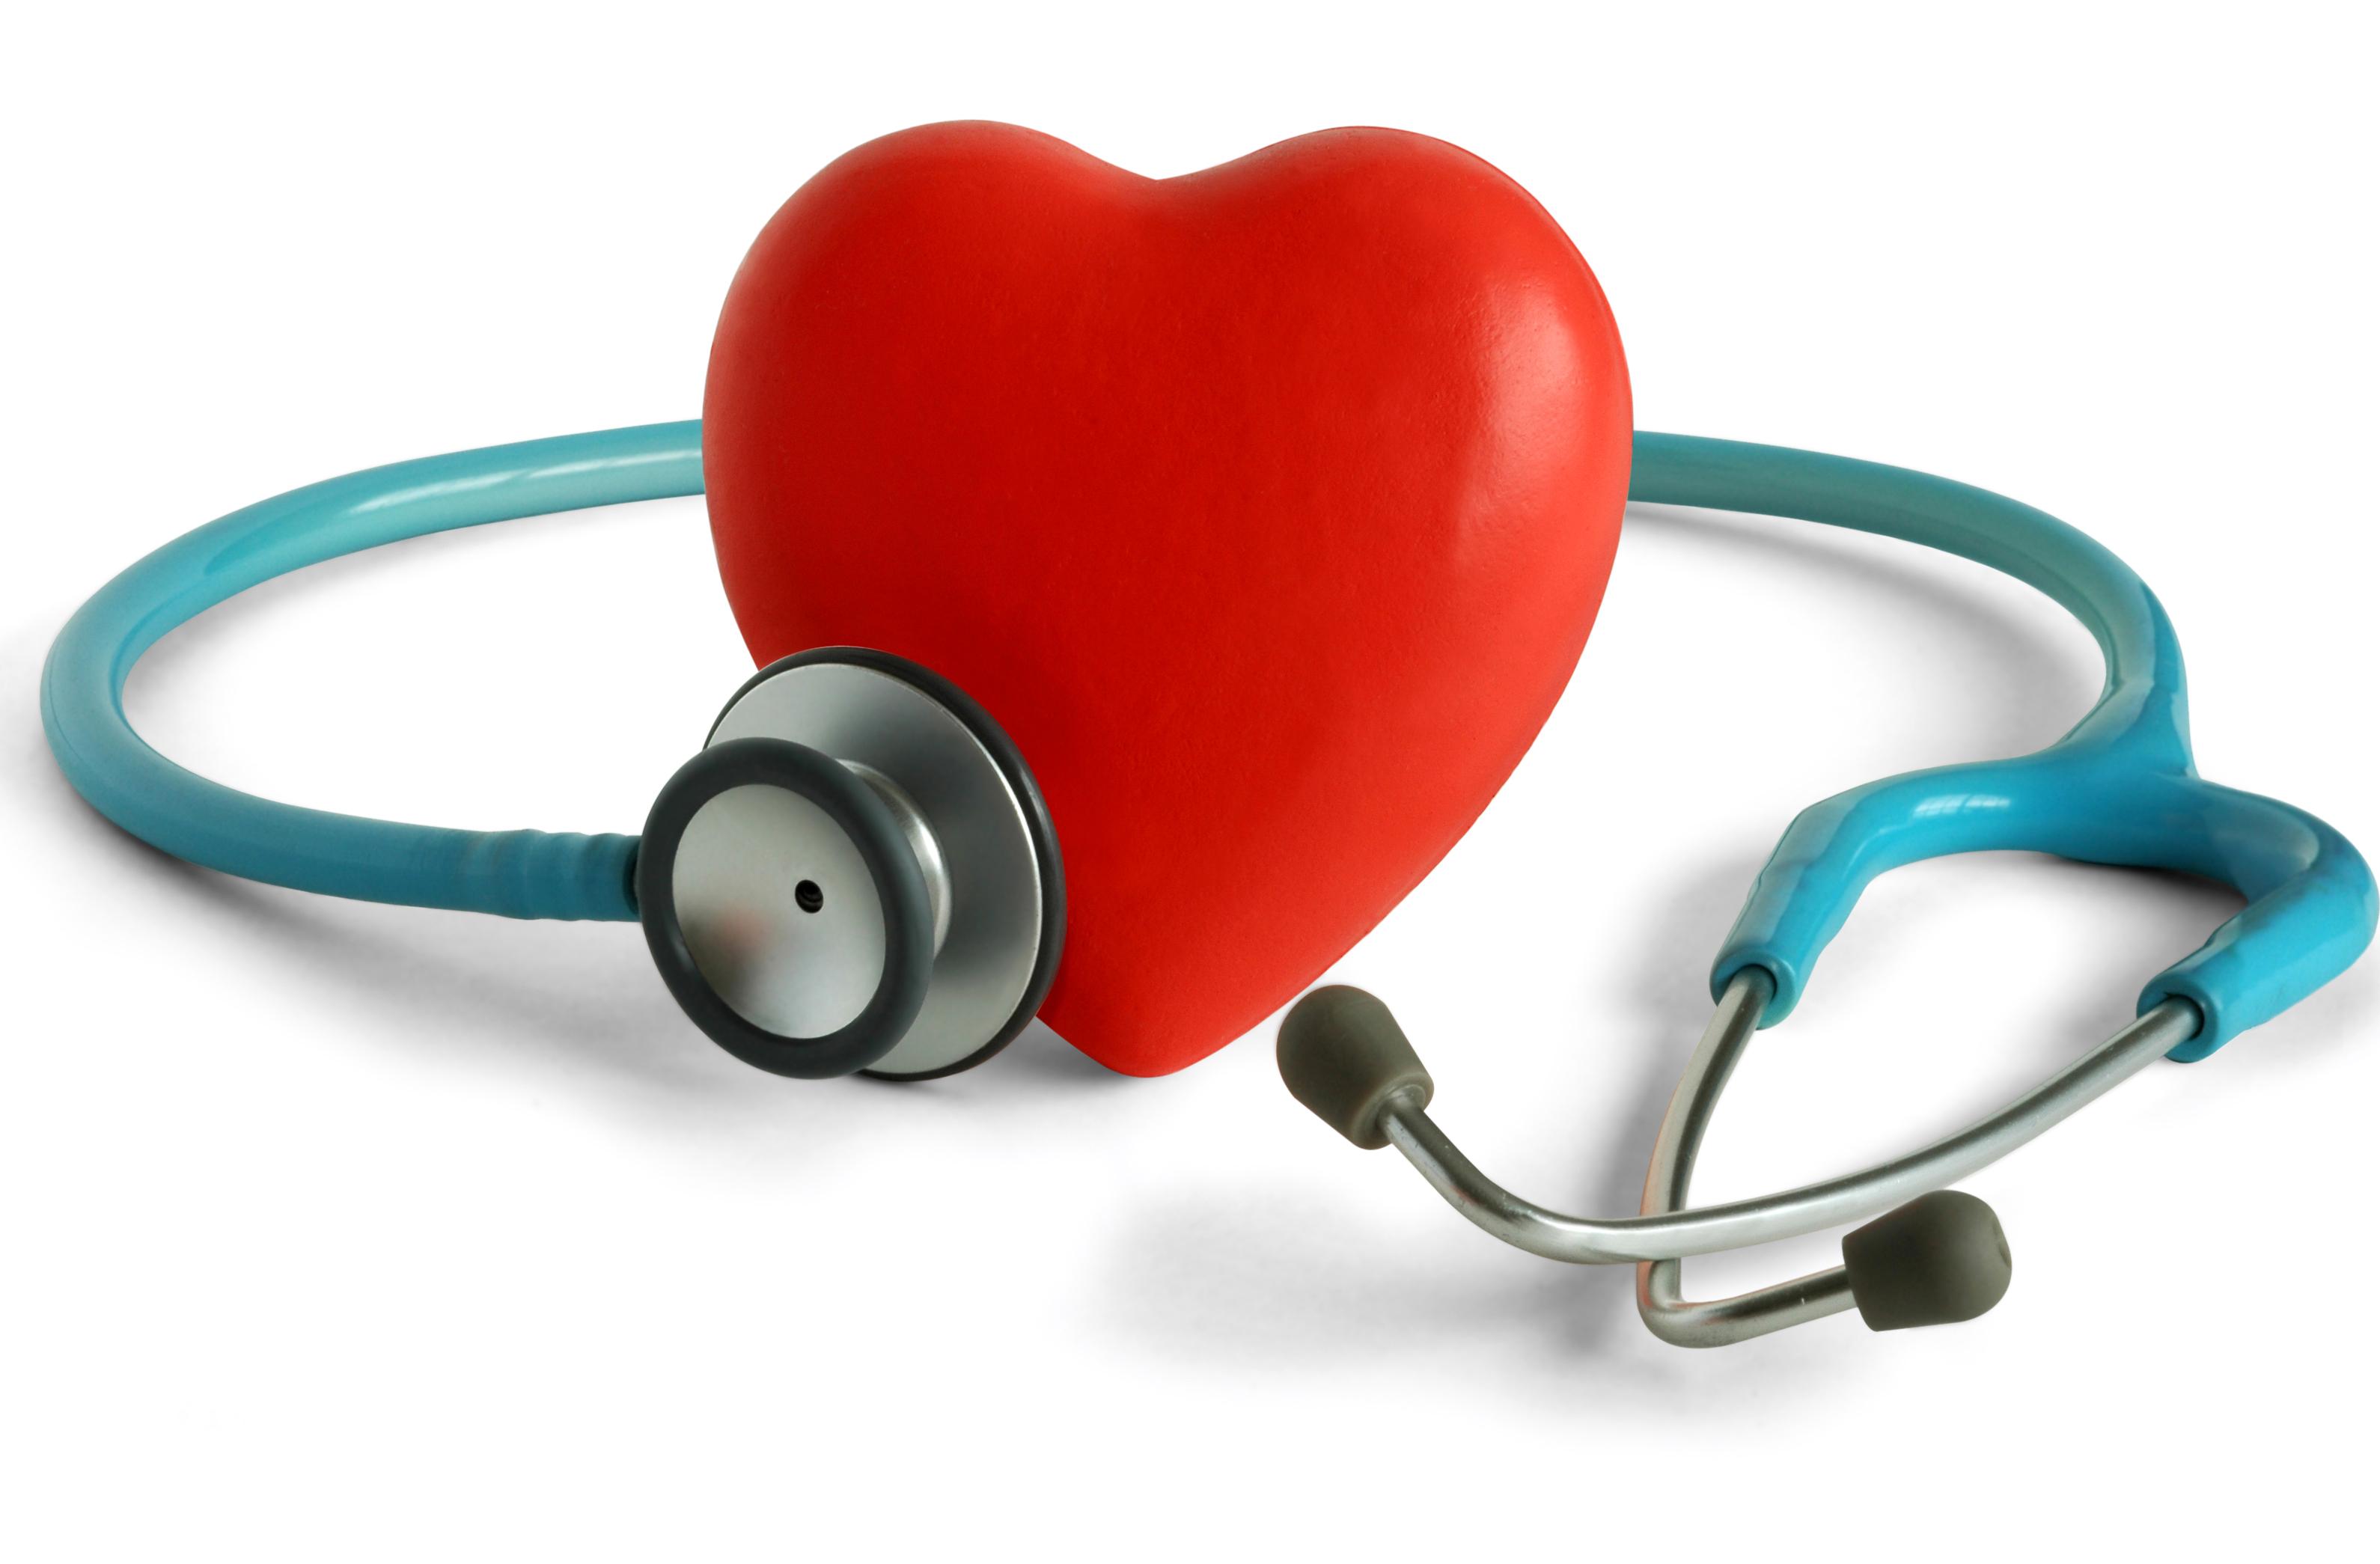 hipertenzijos vystymosi stadijos hipertenzijos simptomai ir gydymas vaistais